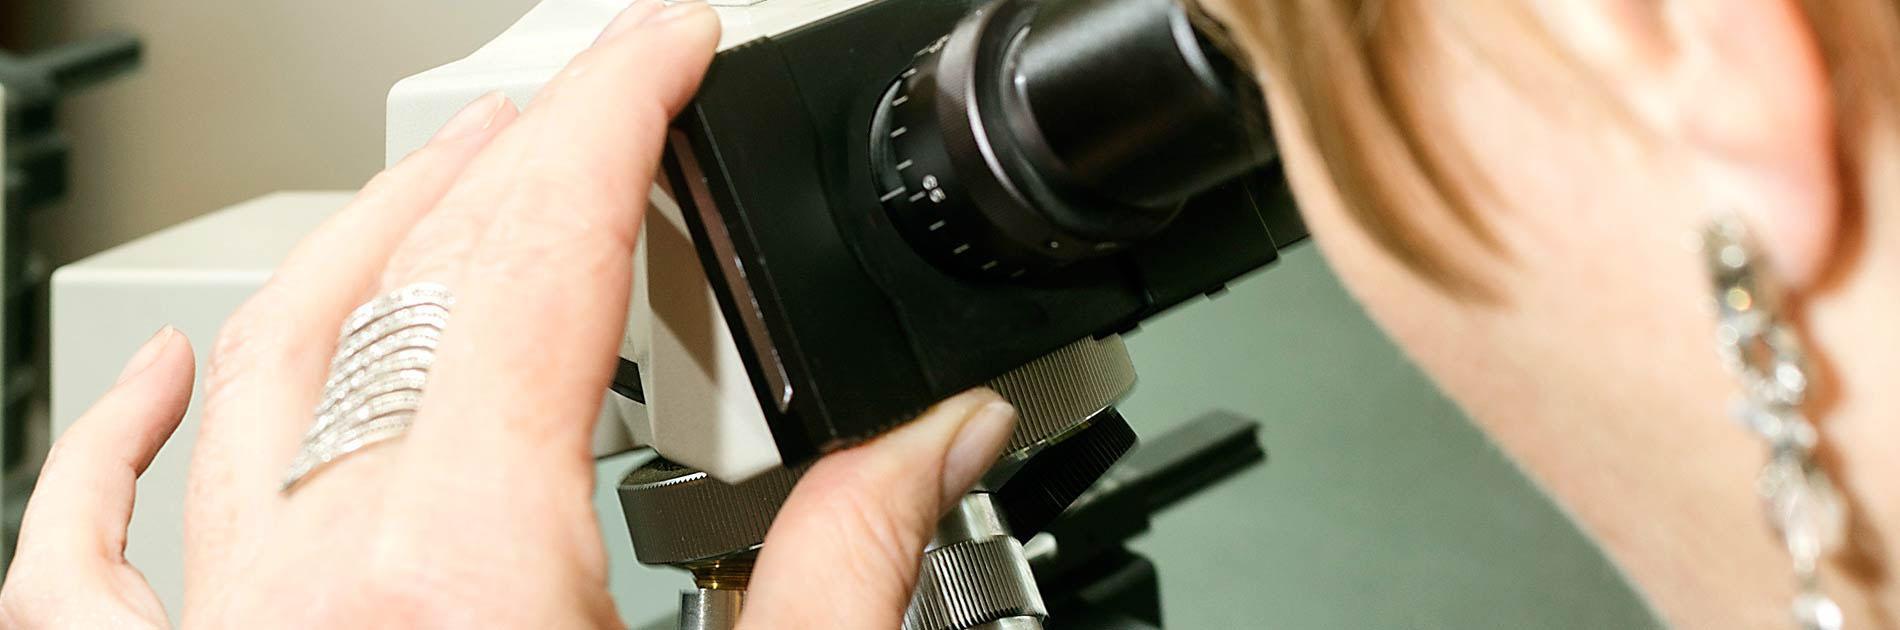 Birgit Gmeiner bei der Haar-Mikroskopie